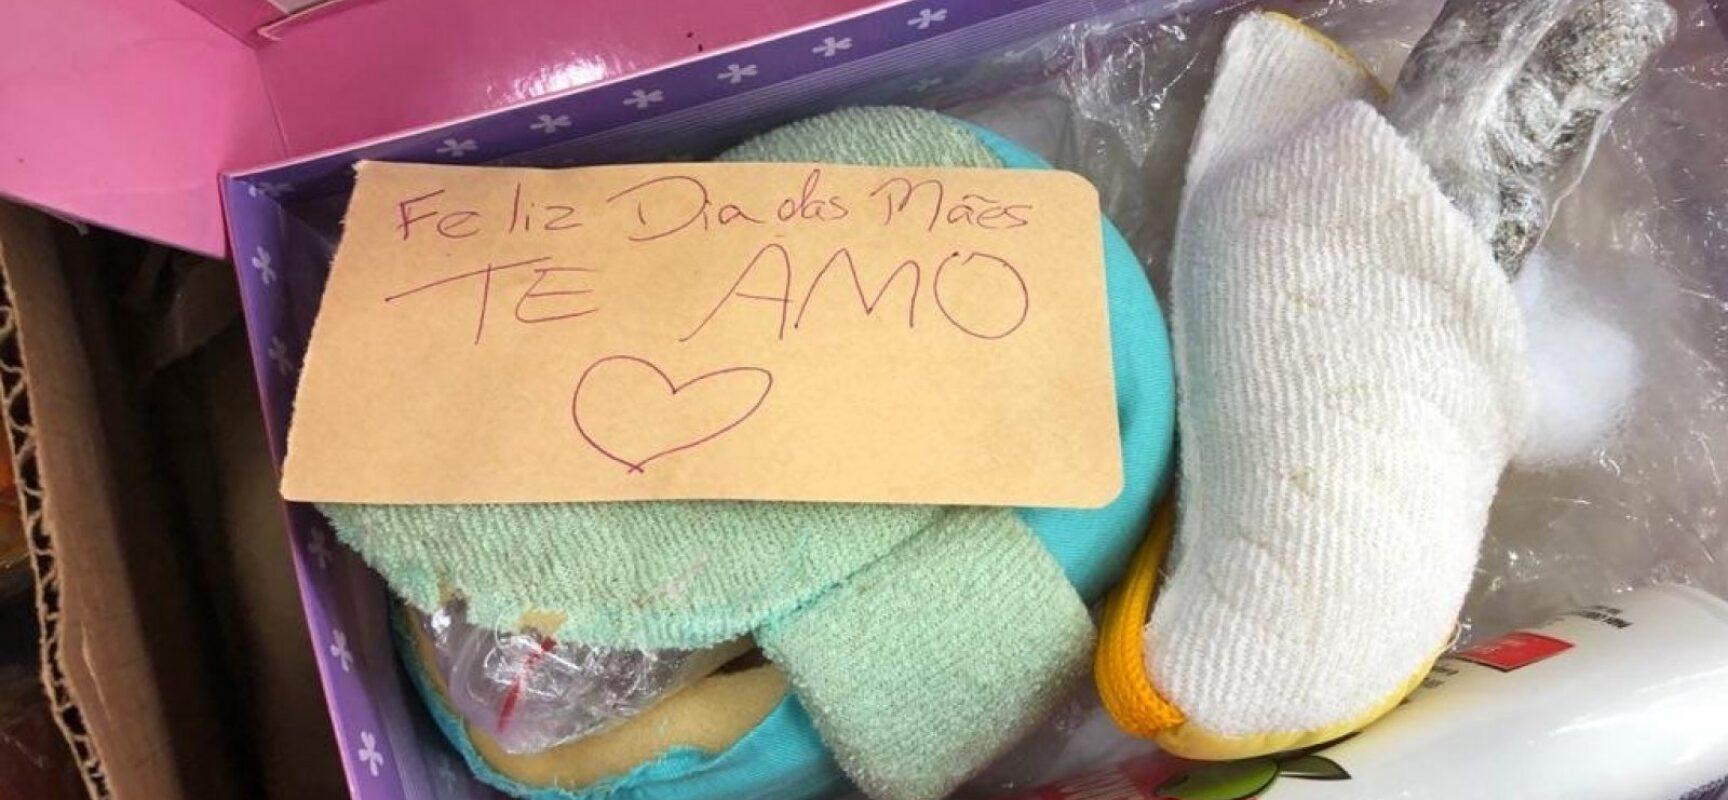 Polícia apreende droga escondida em falso presente de Dia das Mães